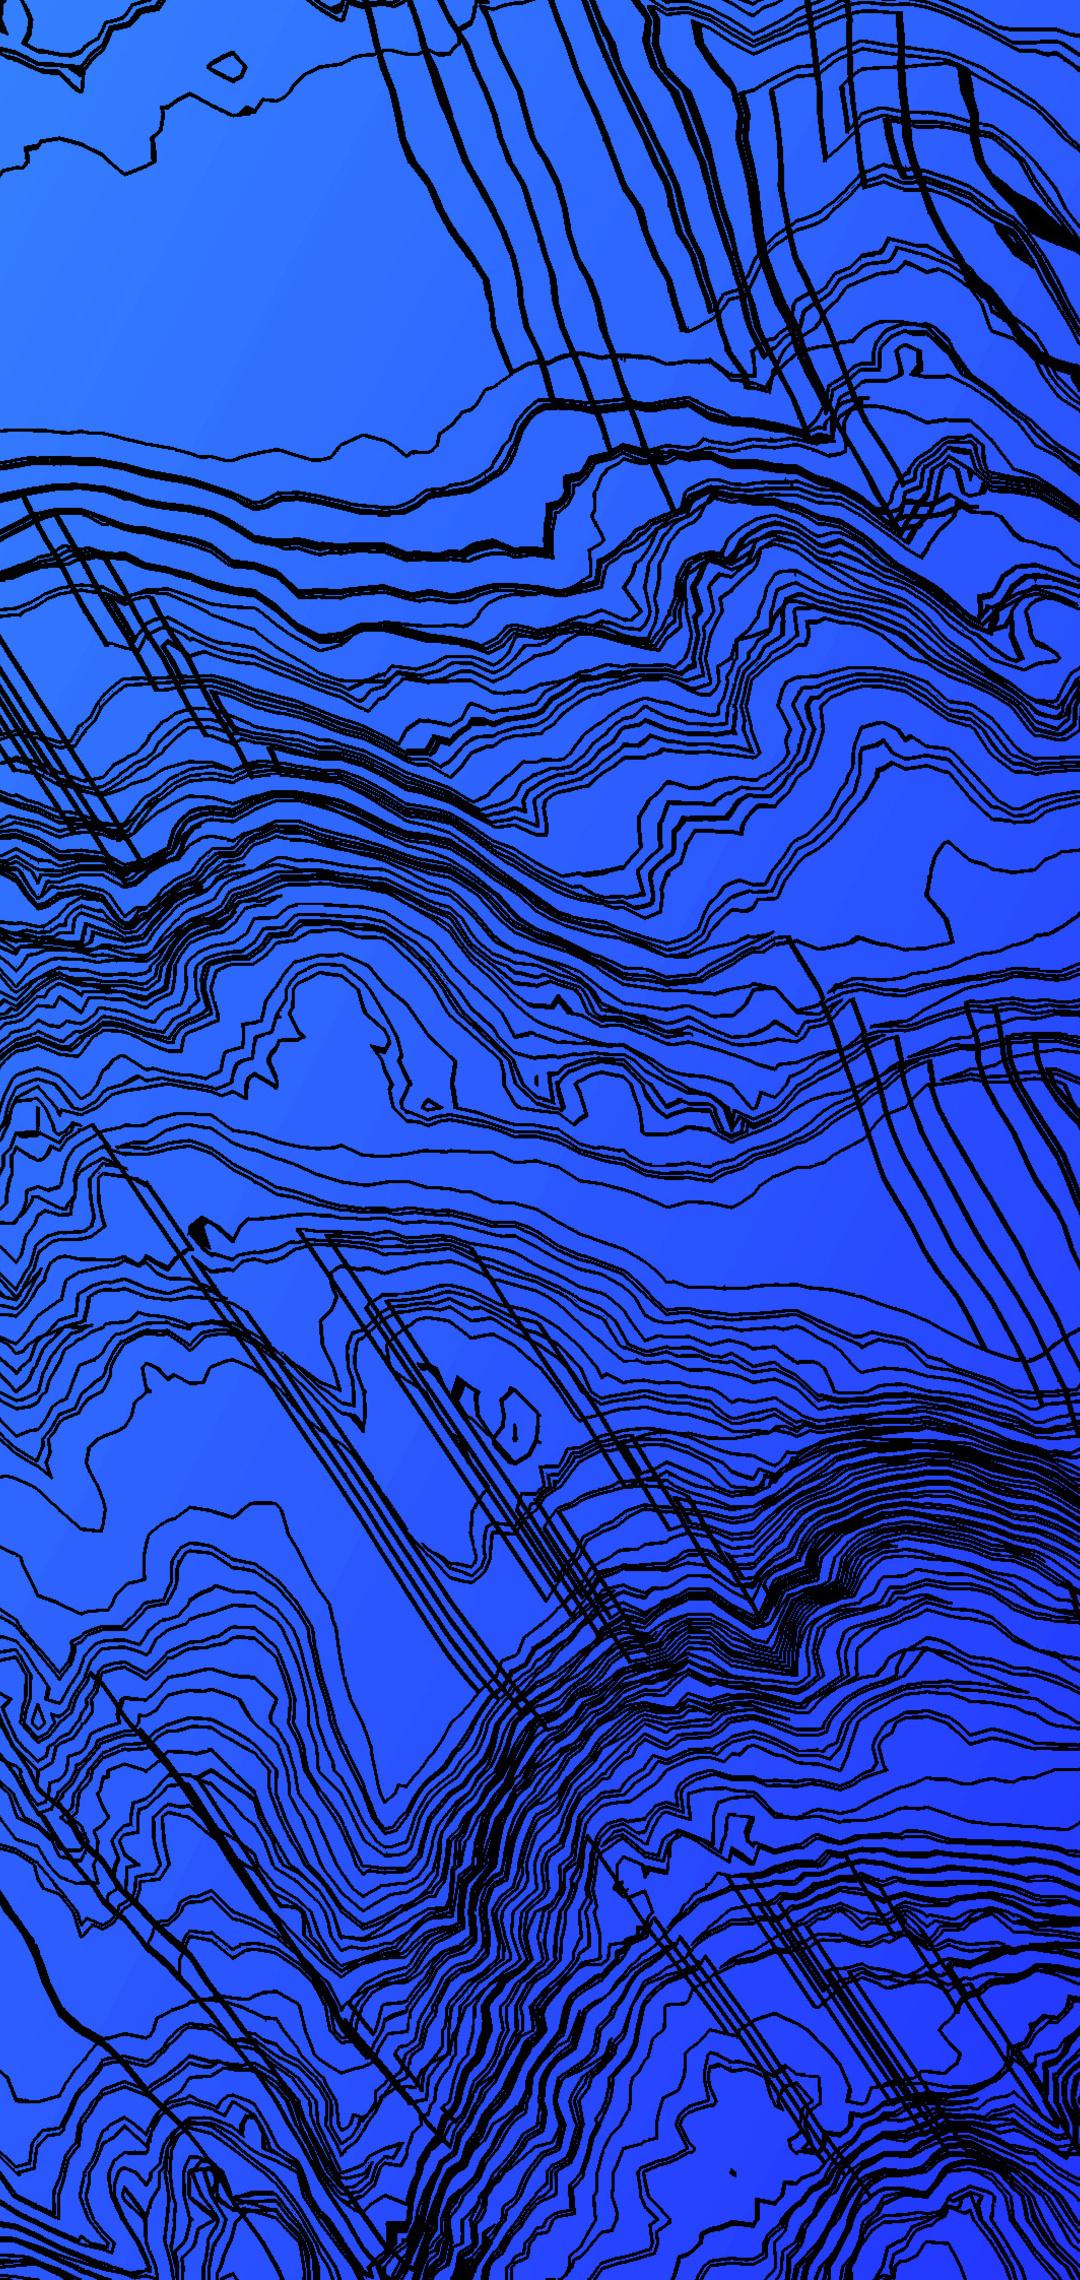 samsung-galaxy-s9-zk.jpg